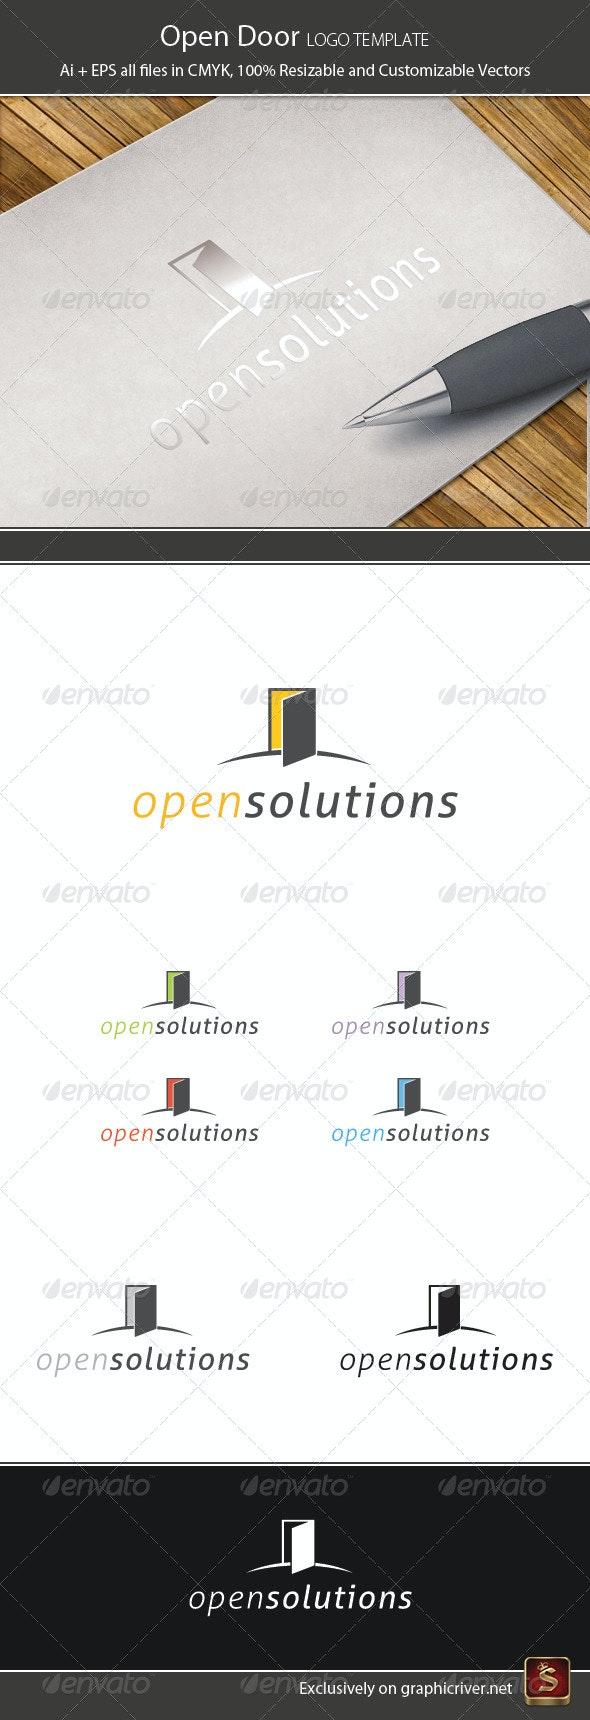 Open Door Logo Template - Vector Abstract